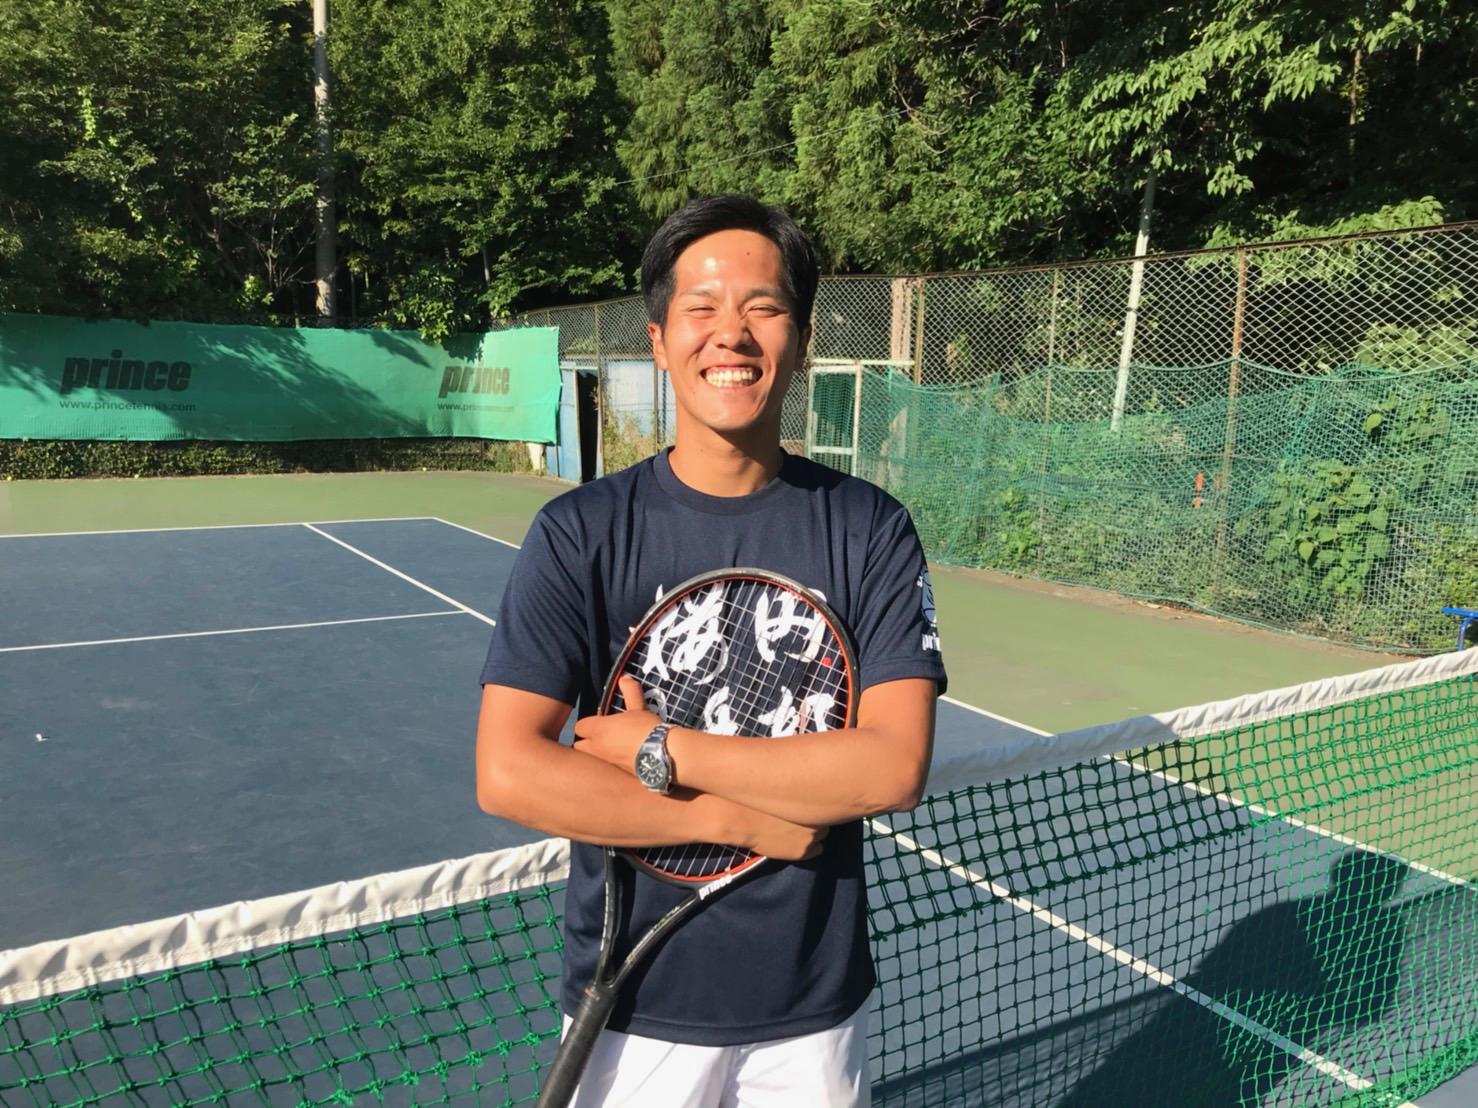 松尾 俊太郎(プレイヤーズコーチ)